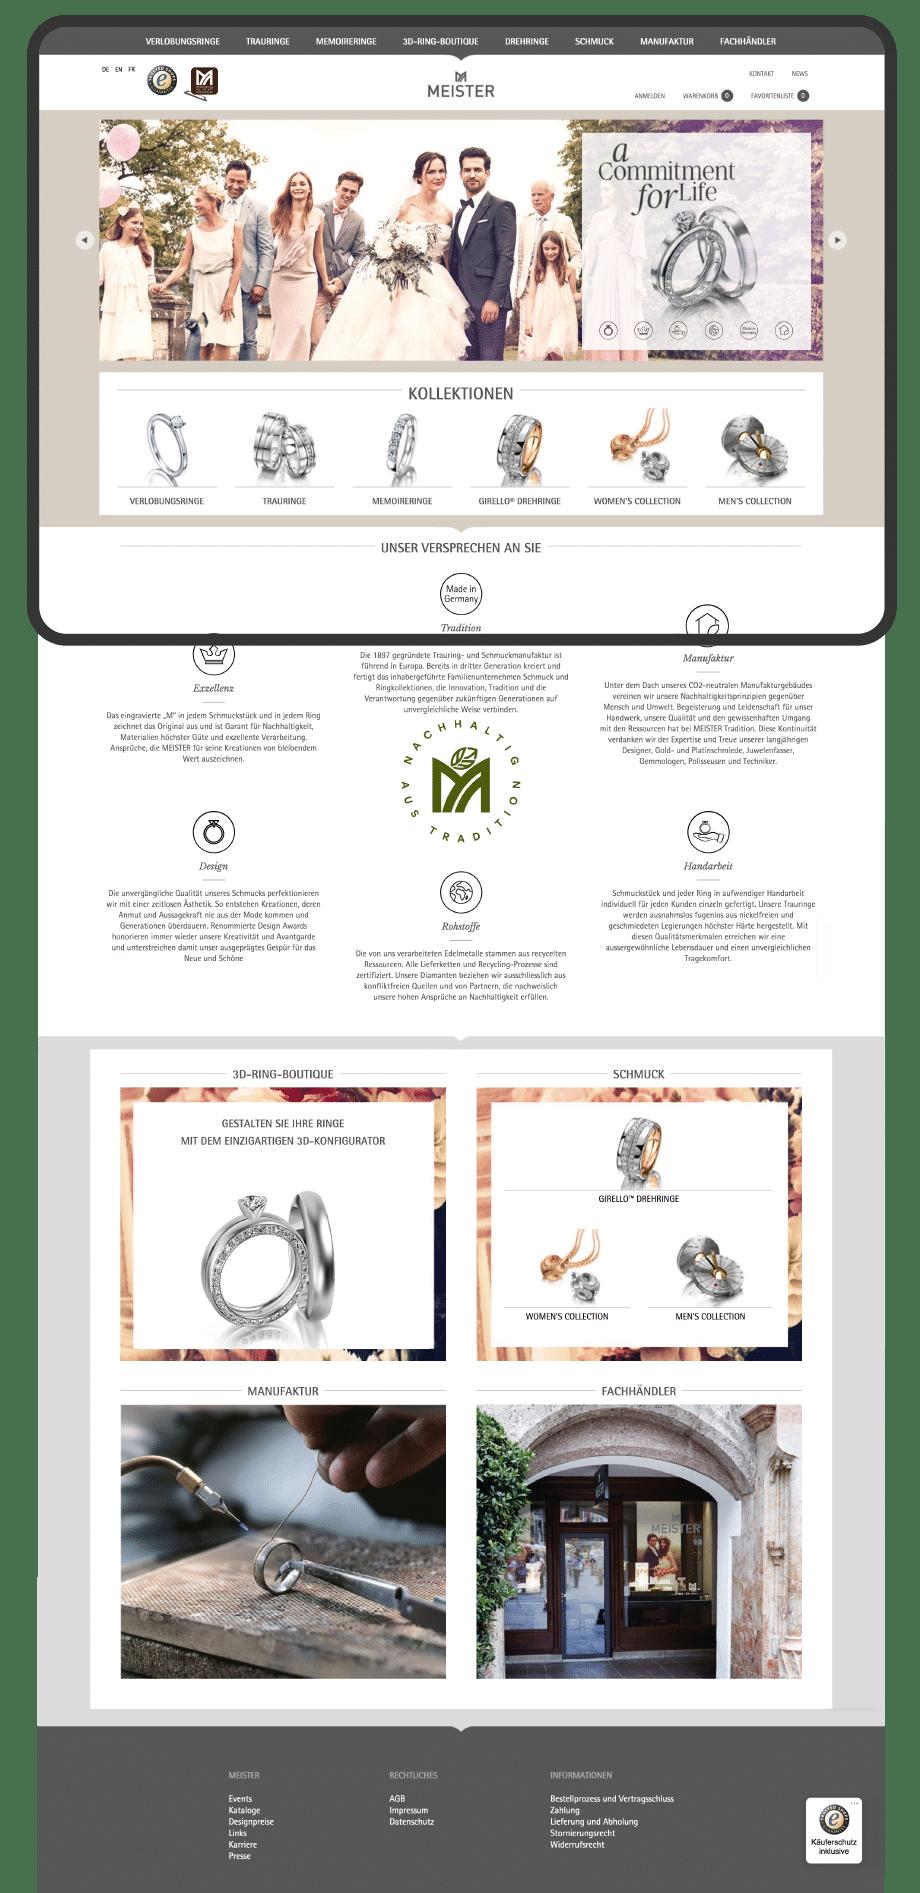 website-manufaktur_Zeichenfläche 1